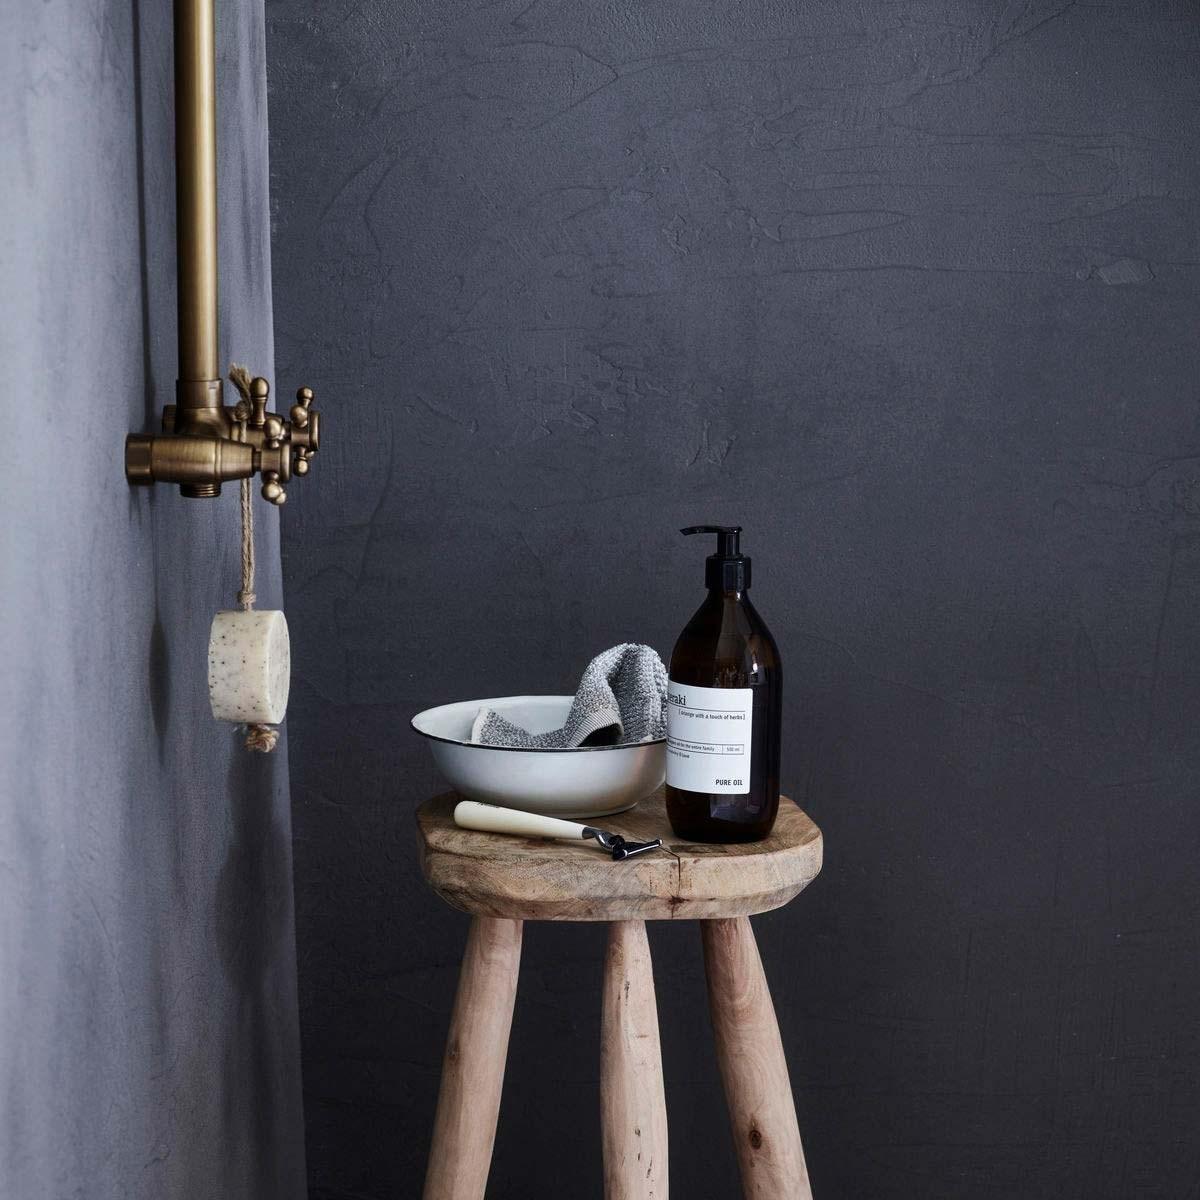 Obrázek z Mýdlo se sezam. peelingem na zavěšení